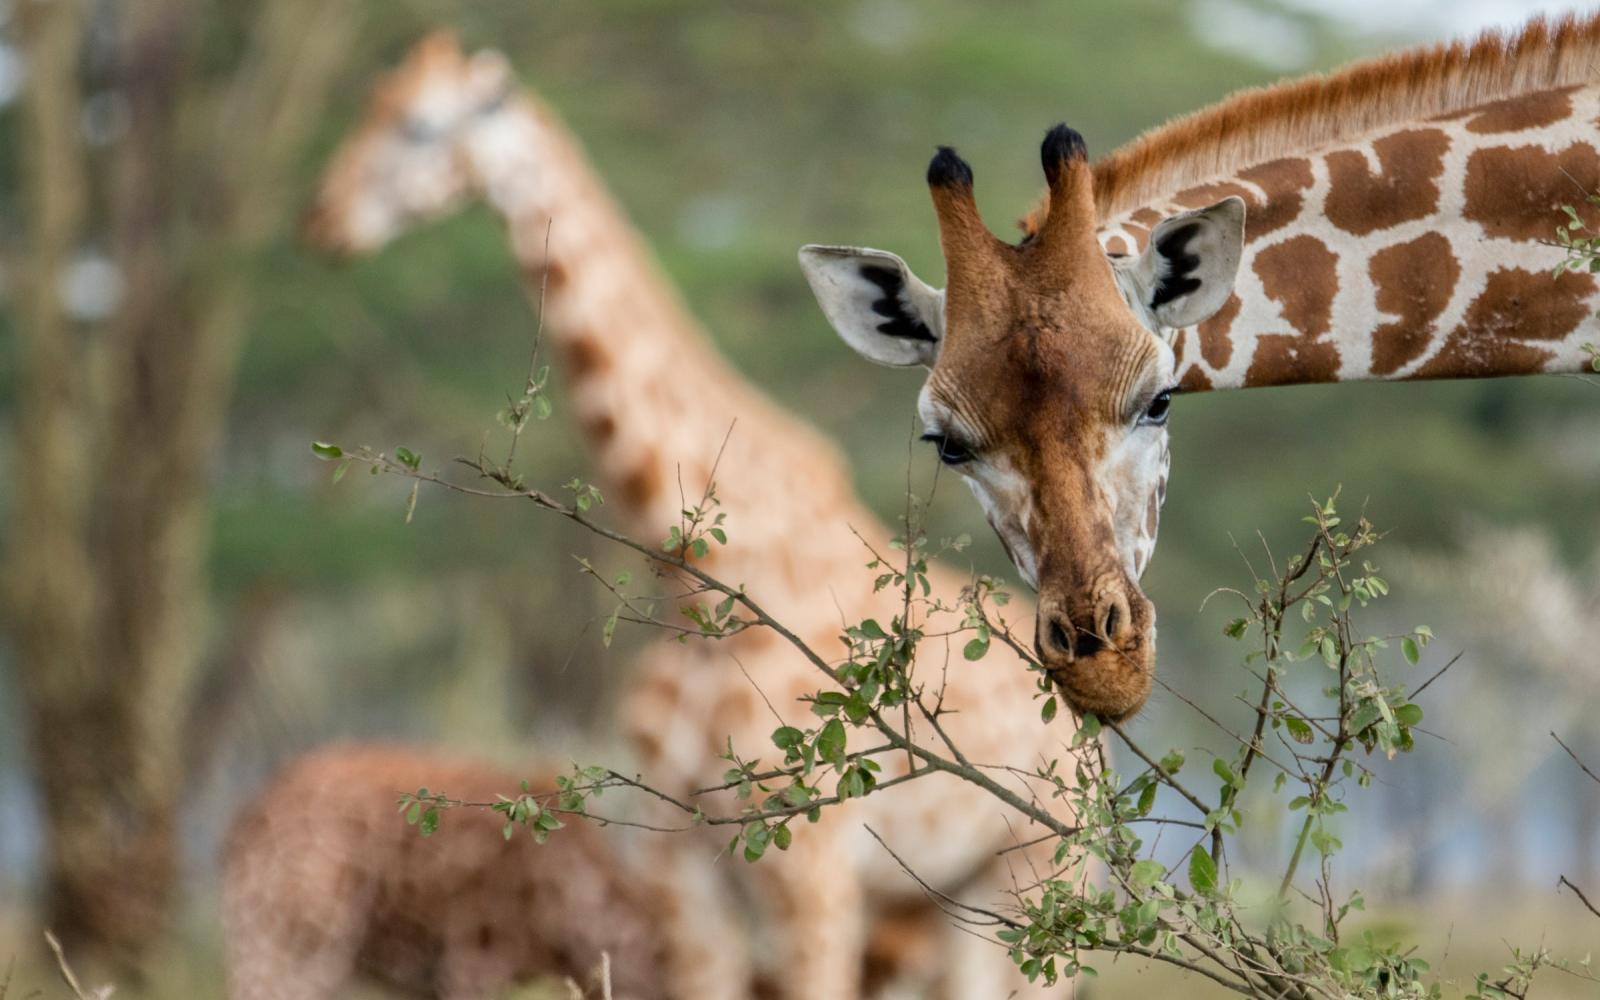 f34b746627e Girafe dans un parc national (Kenya). Transmettre son patrimoine